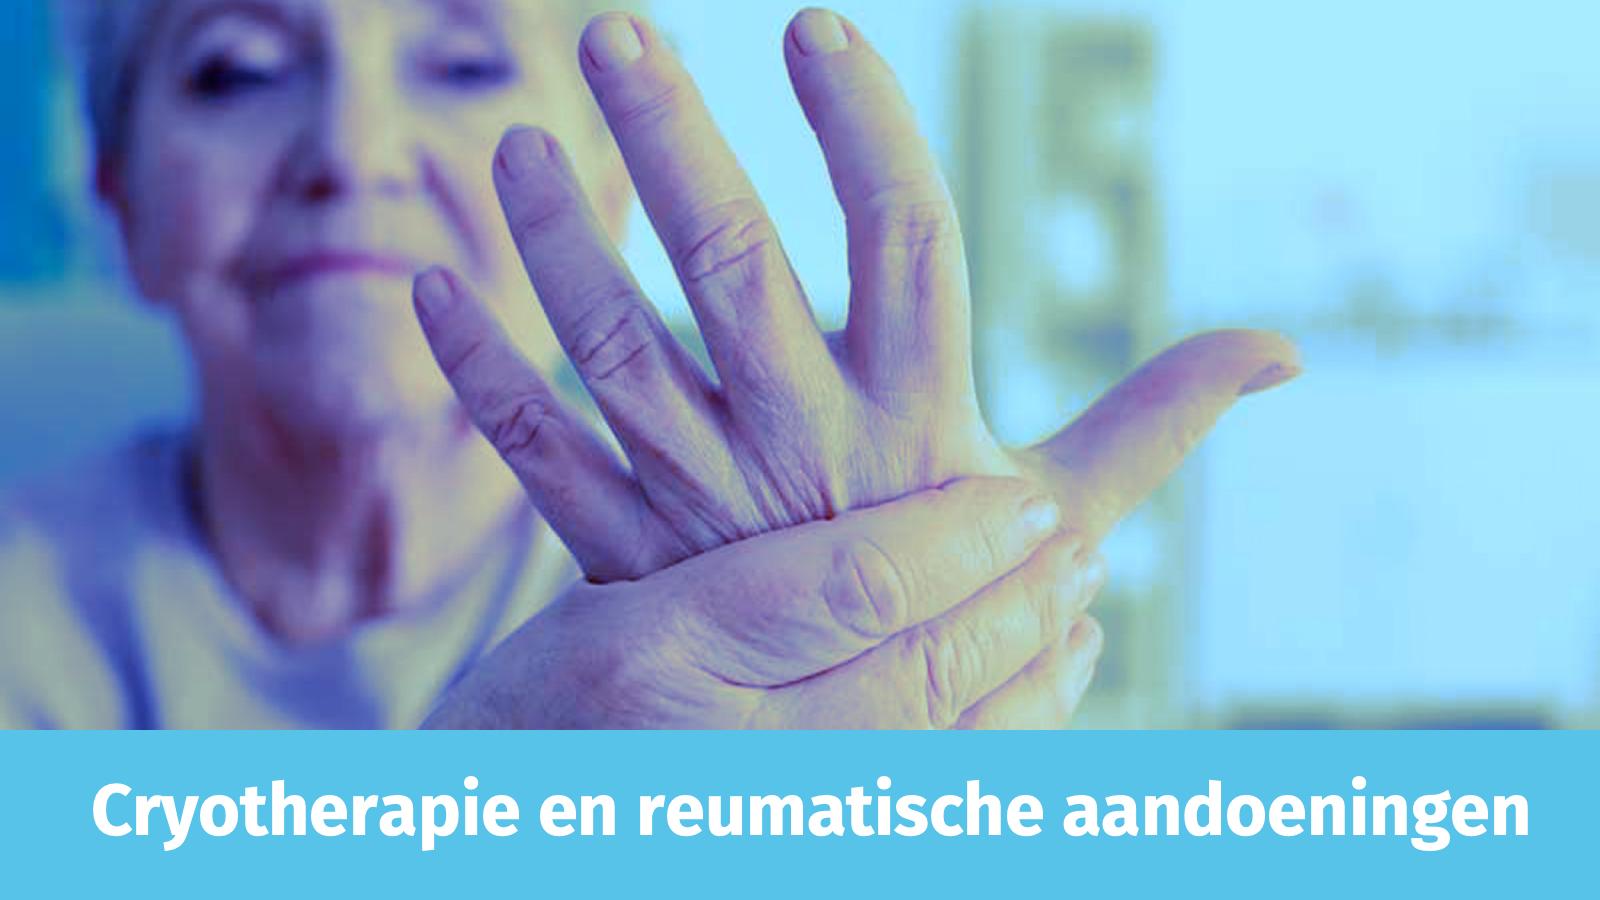 Afbeelding: Pijn bij reuma bestrijden met cryotherapie